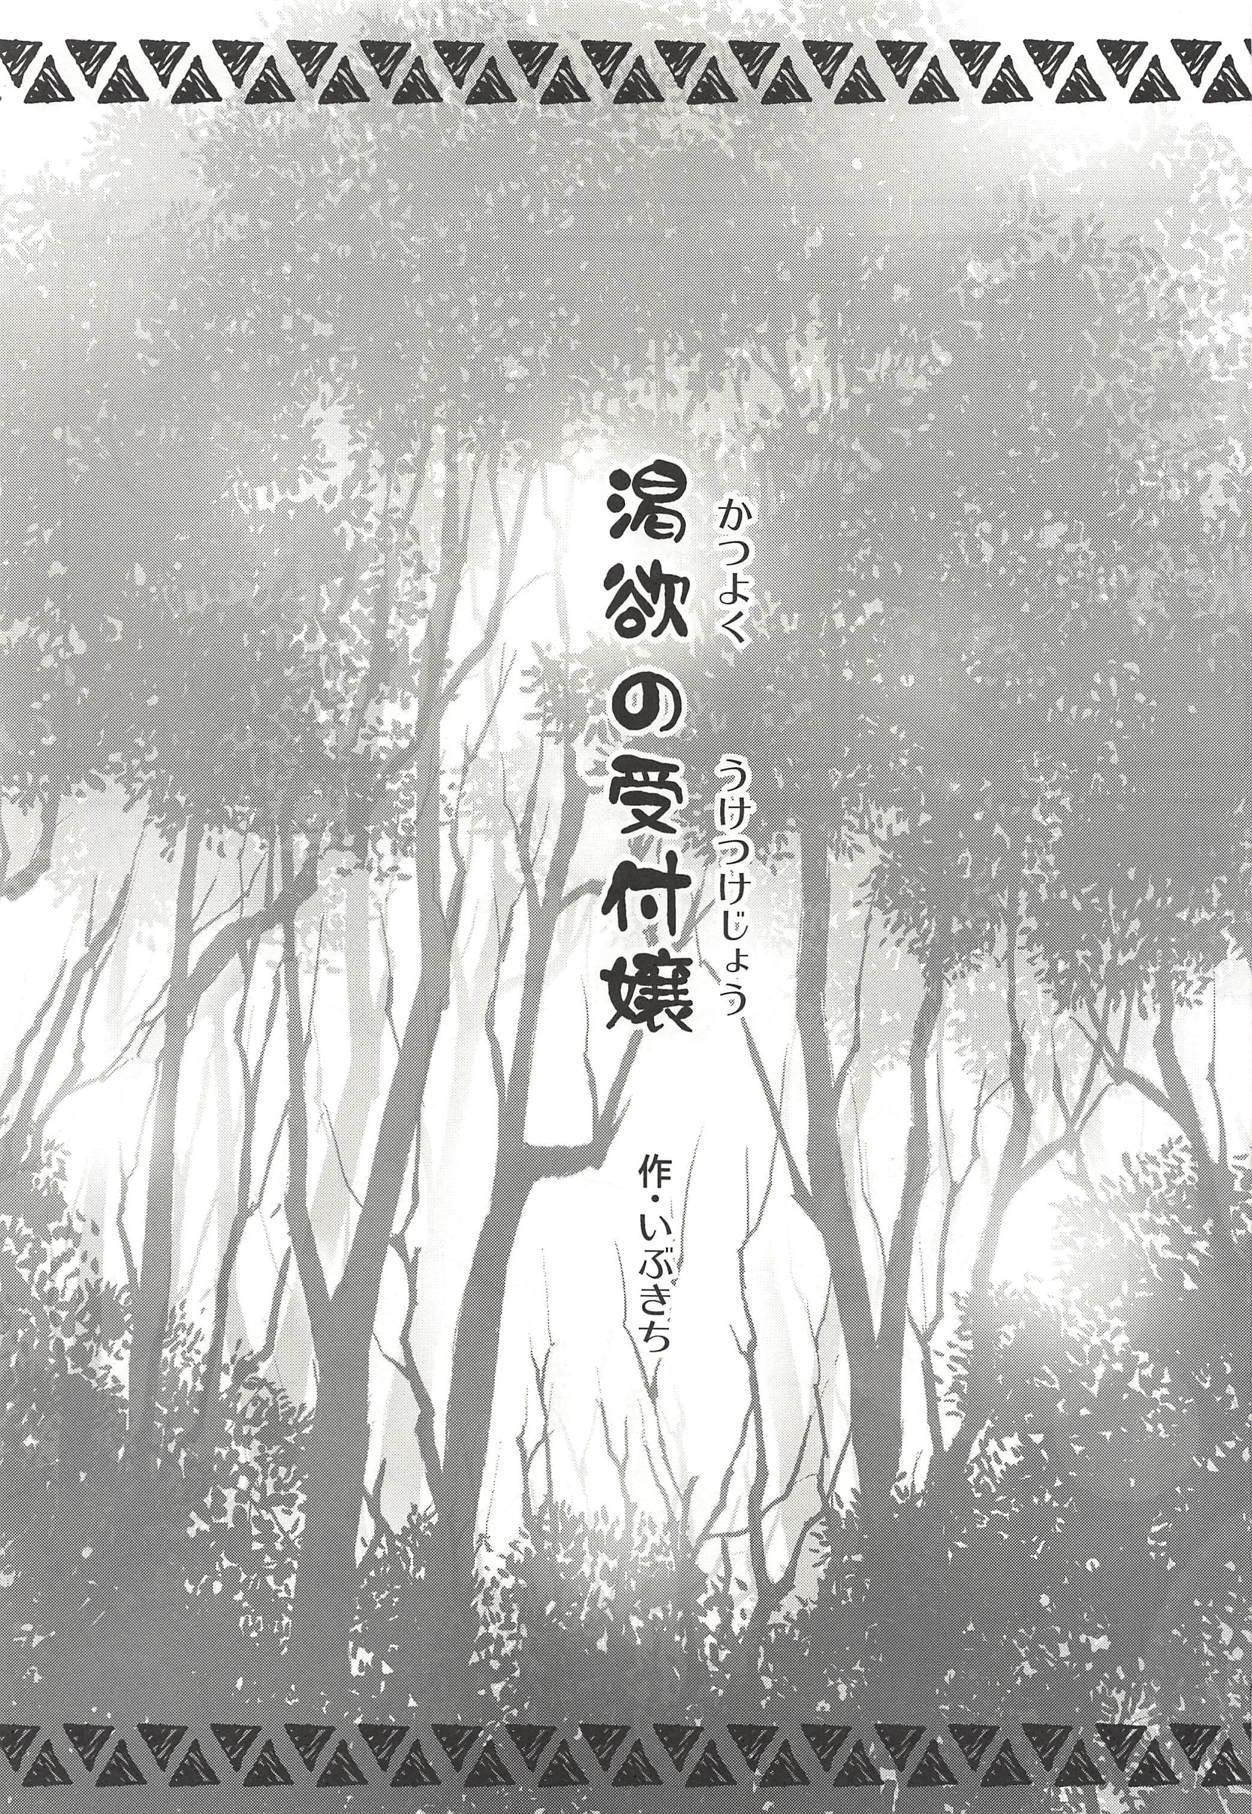 Katsuyoku no Uketsukejou 1